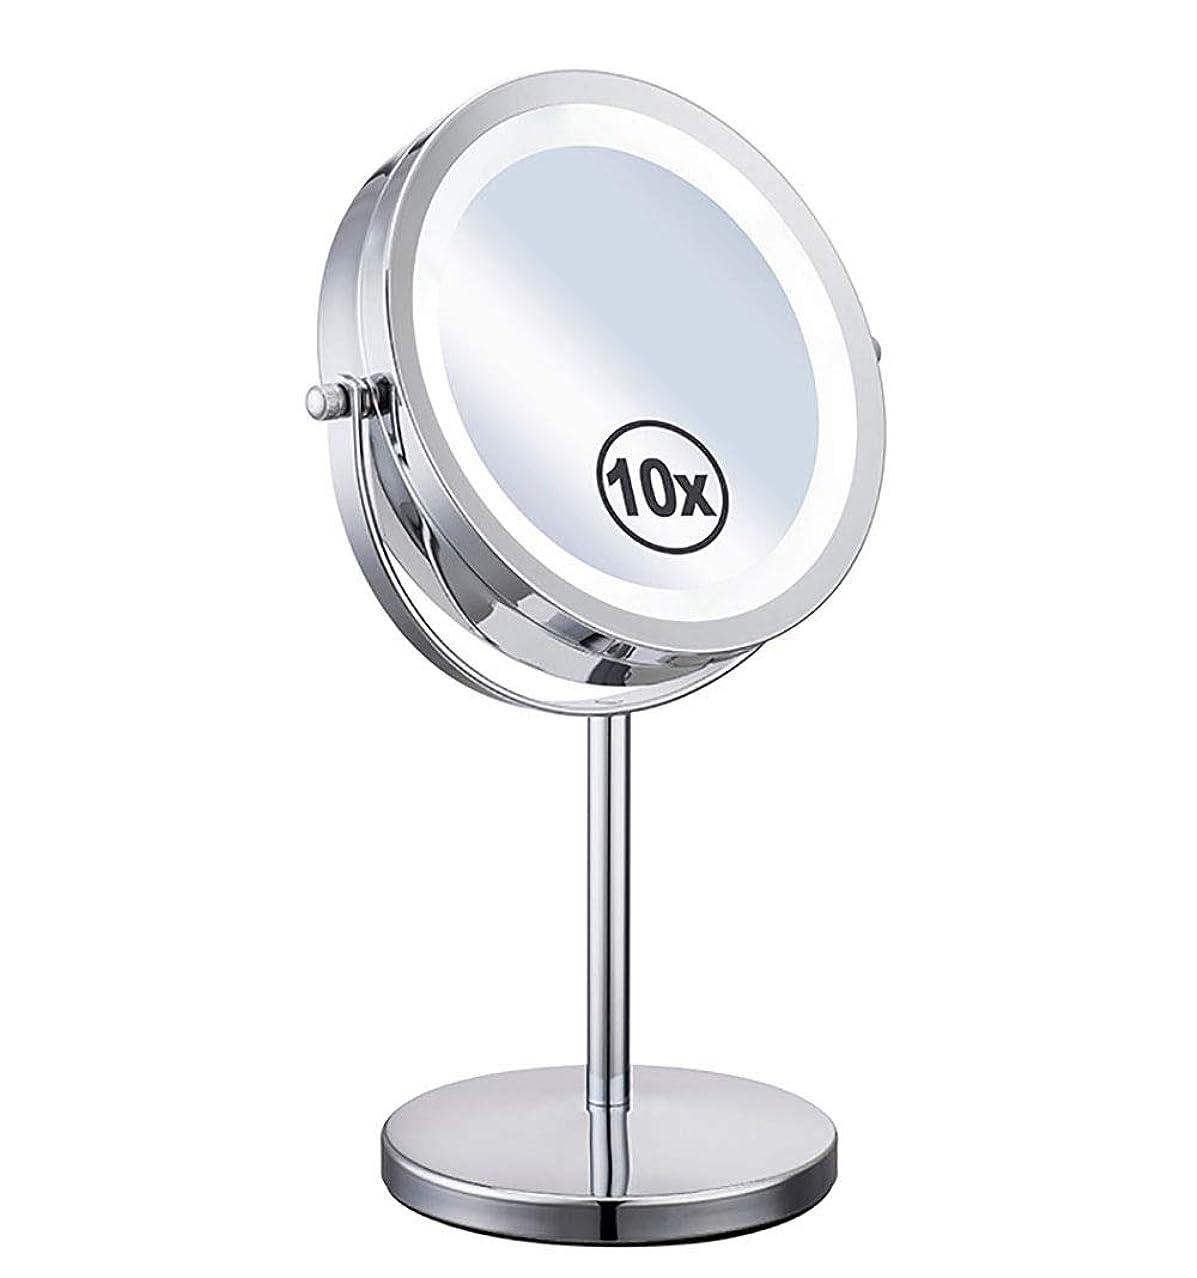 電気陽性本物カウンターパート両面化粧鏡、卓上ミラー10倍Led拡大鏡卓上コメスティックミラータッチスクリーントラベル用調光可能